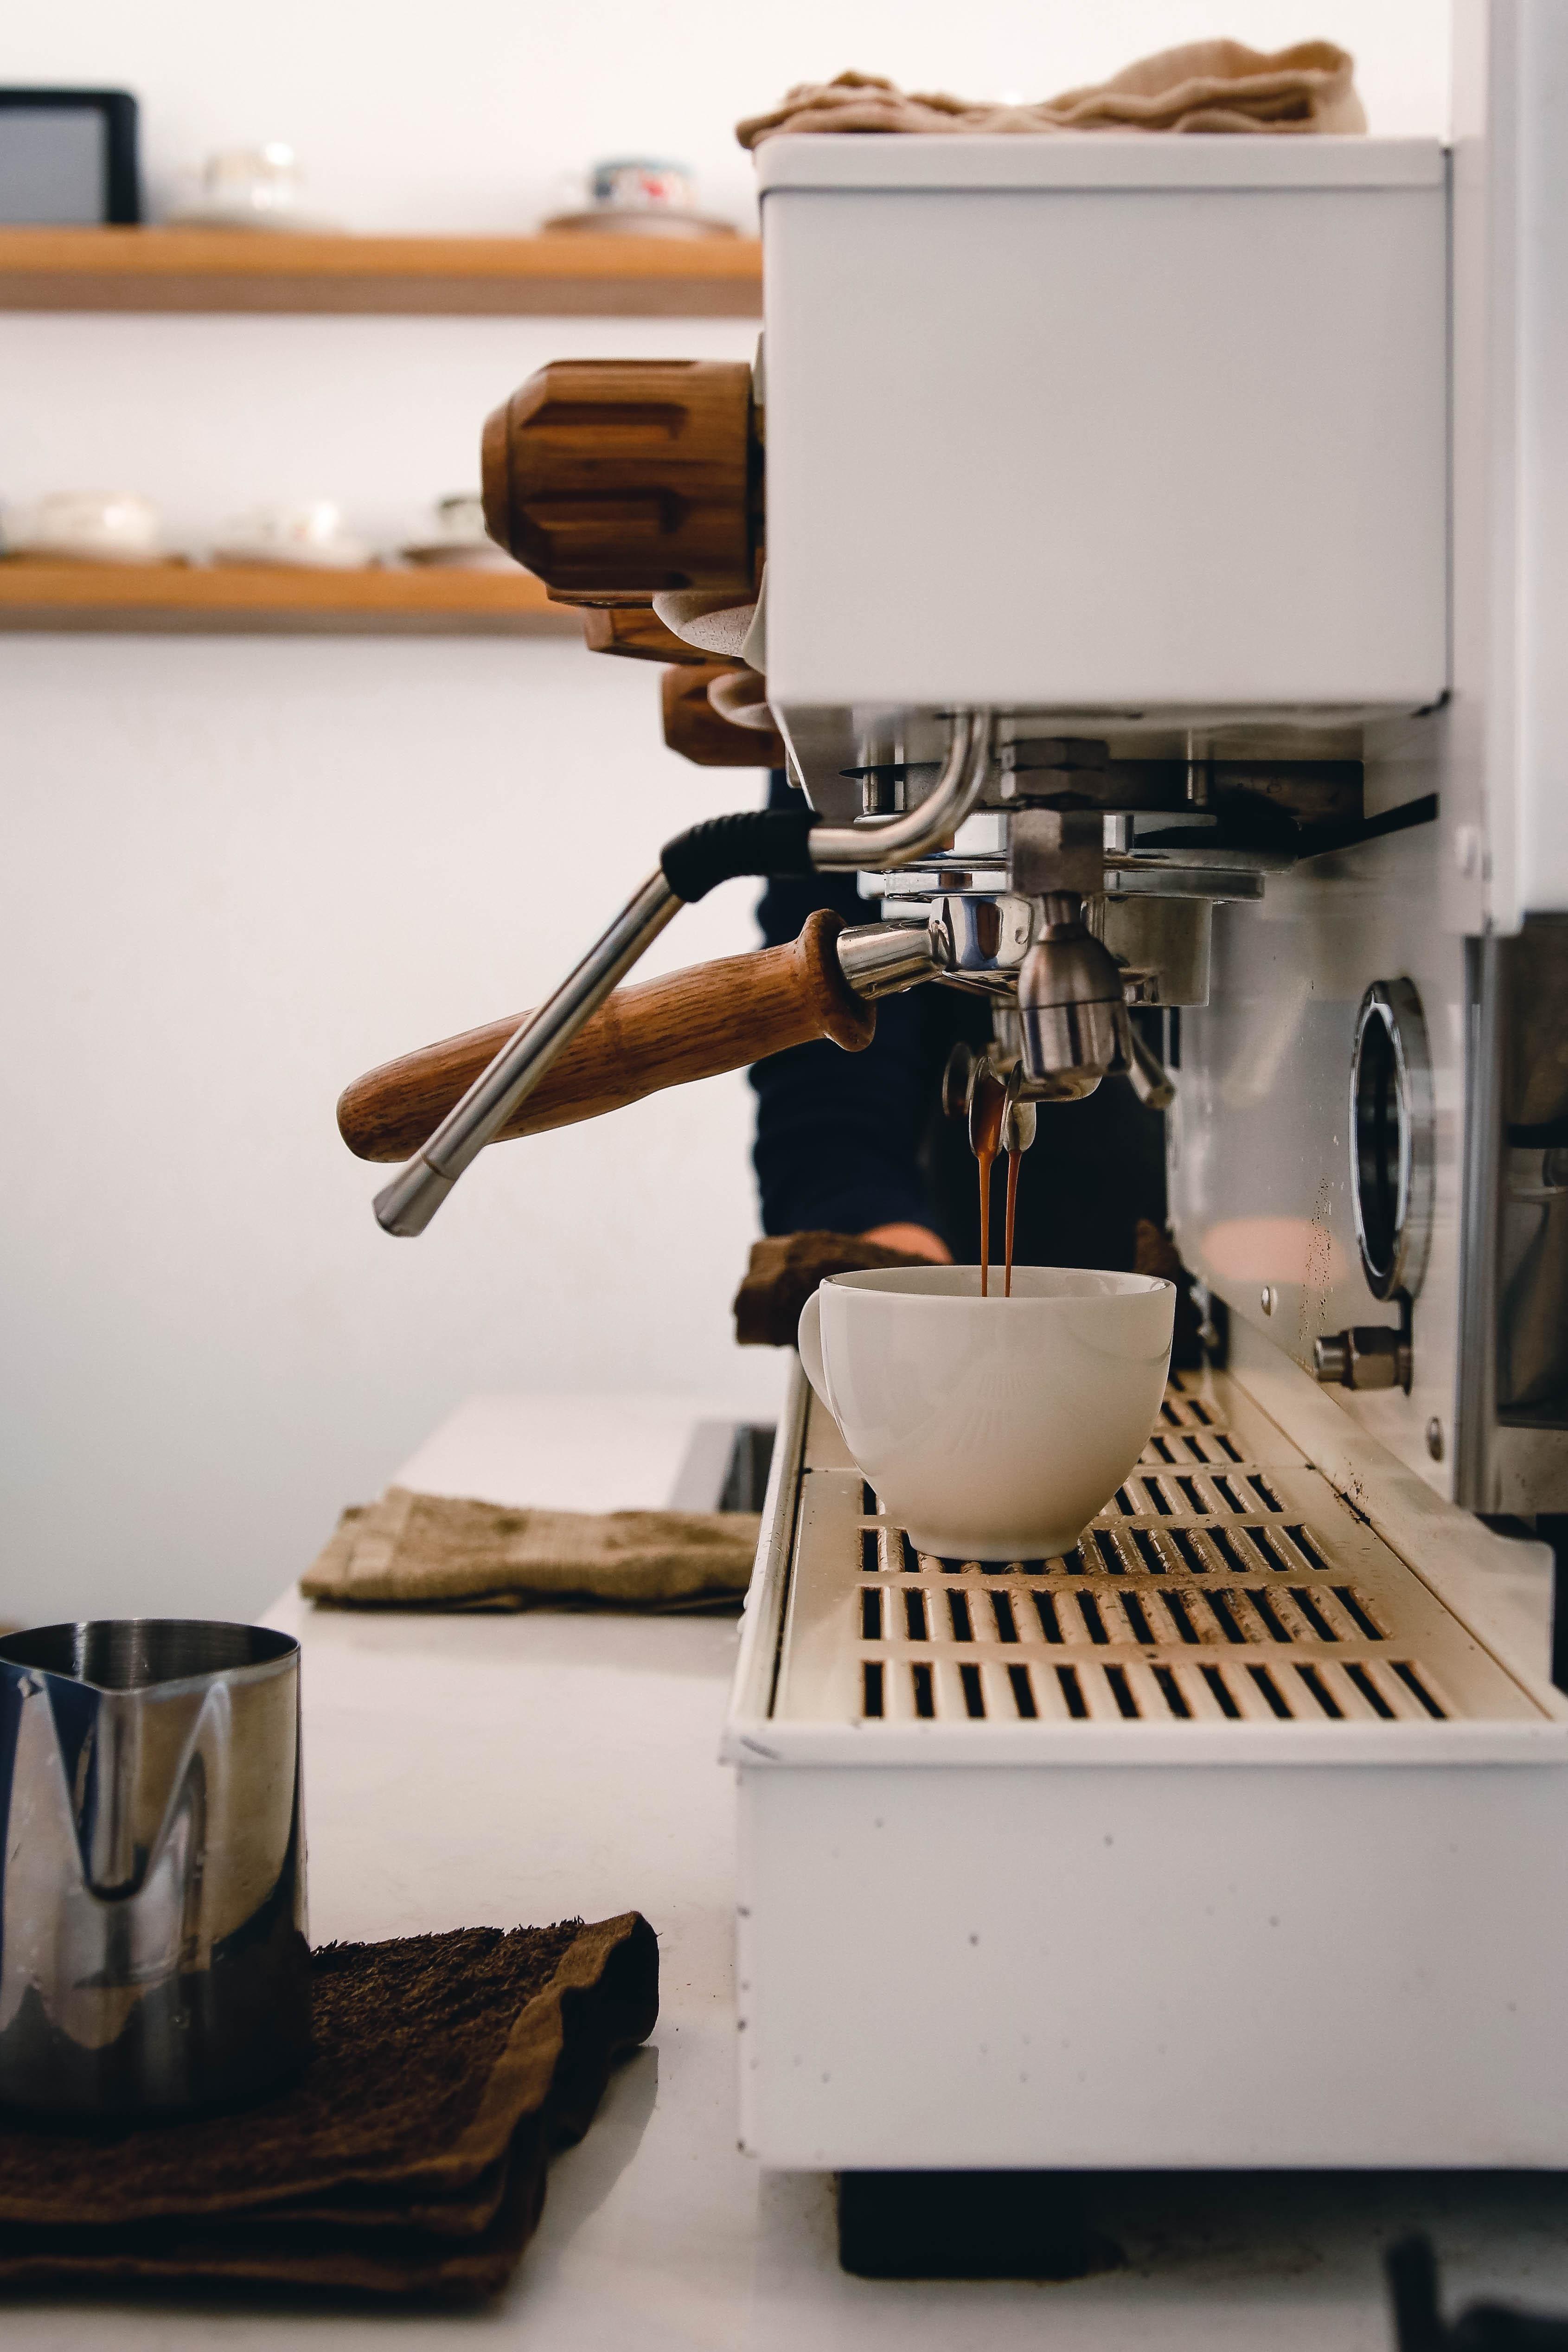 ITAP of la marzocco pouring espresso photo background